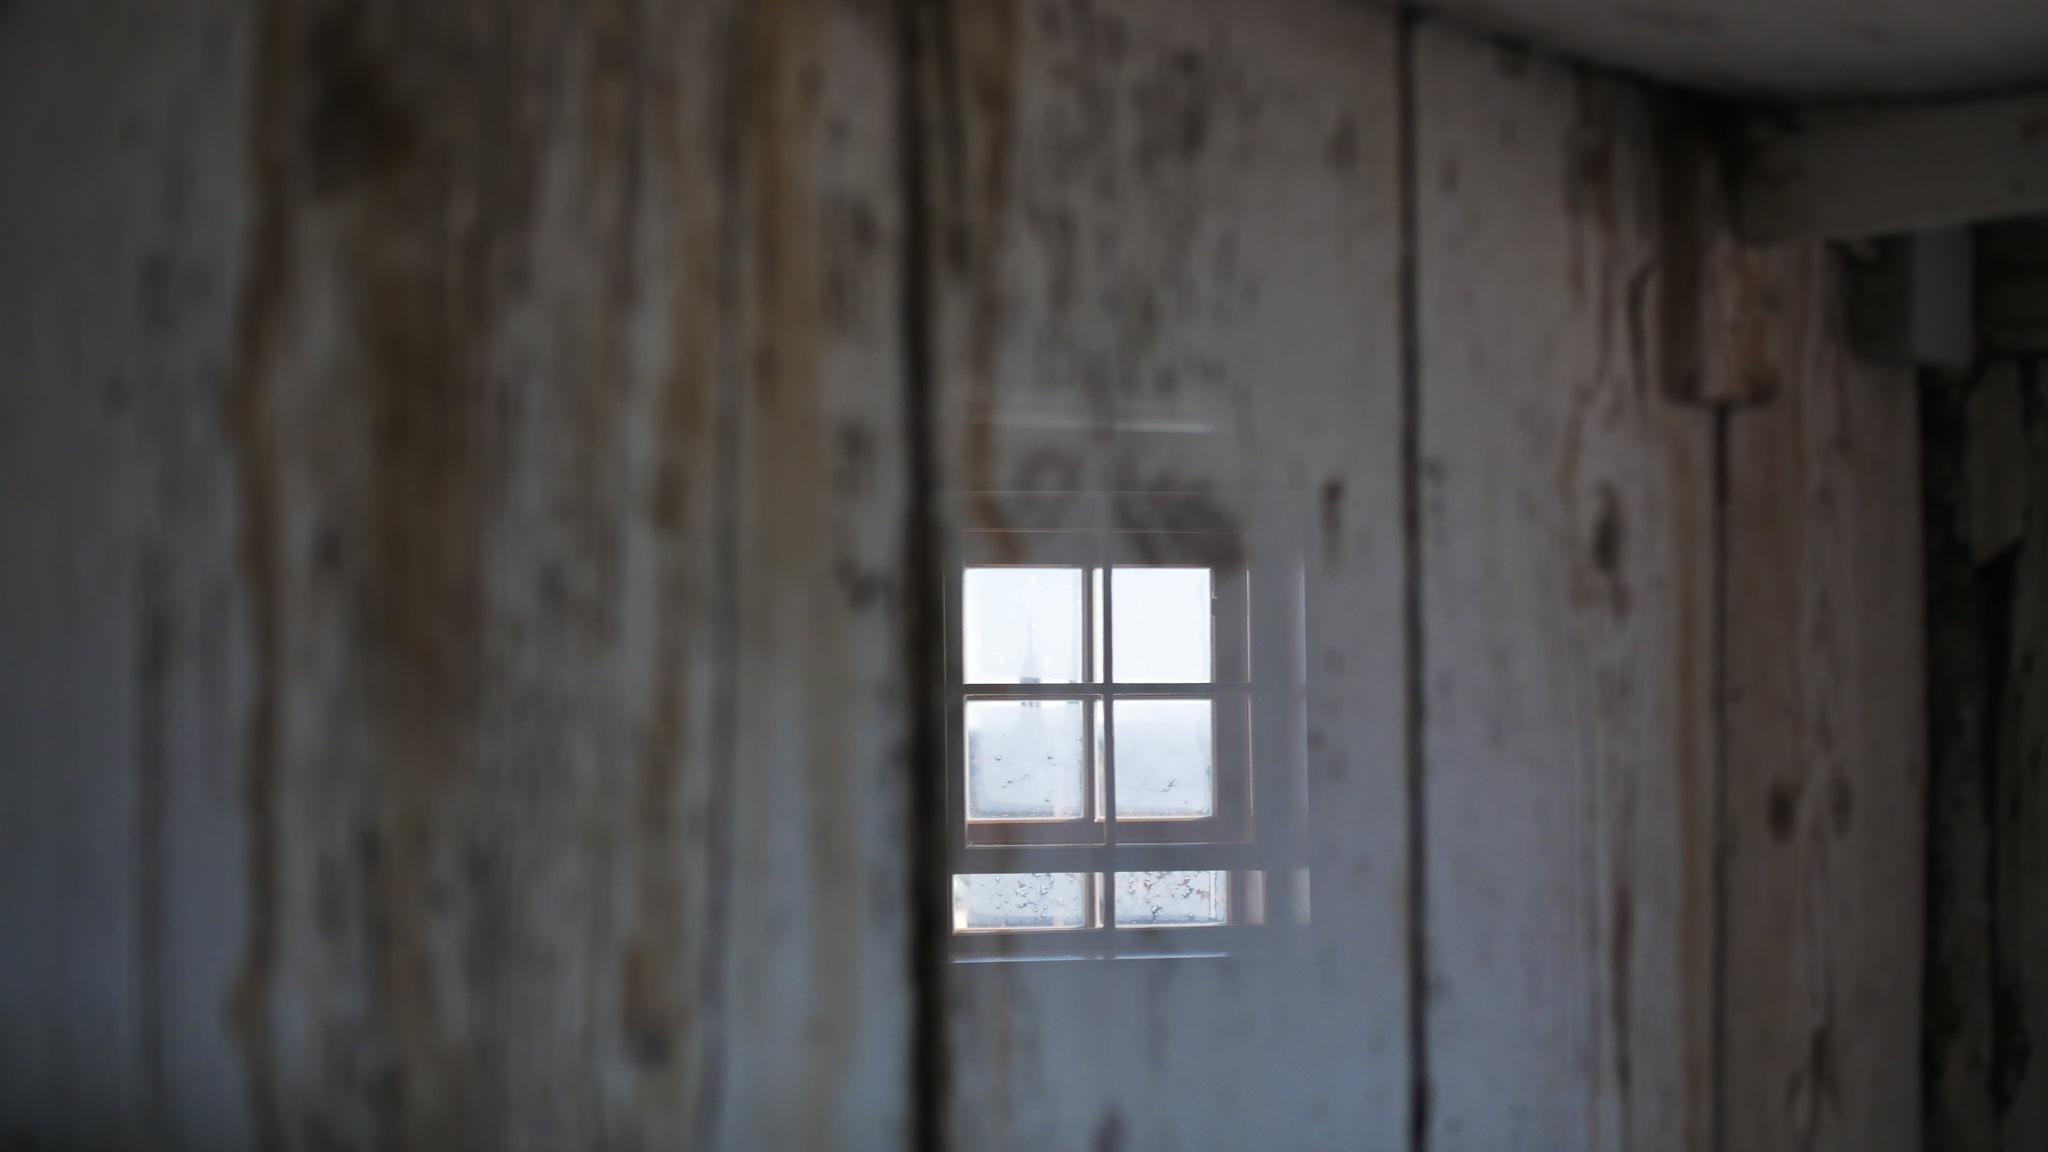 frozen wooden window by Henry